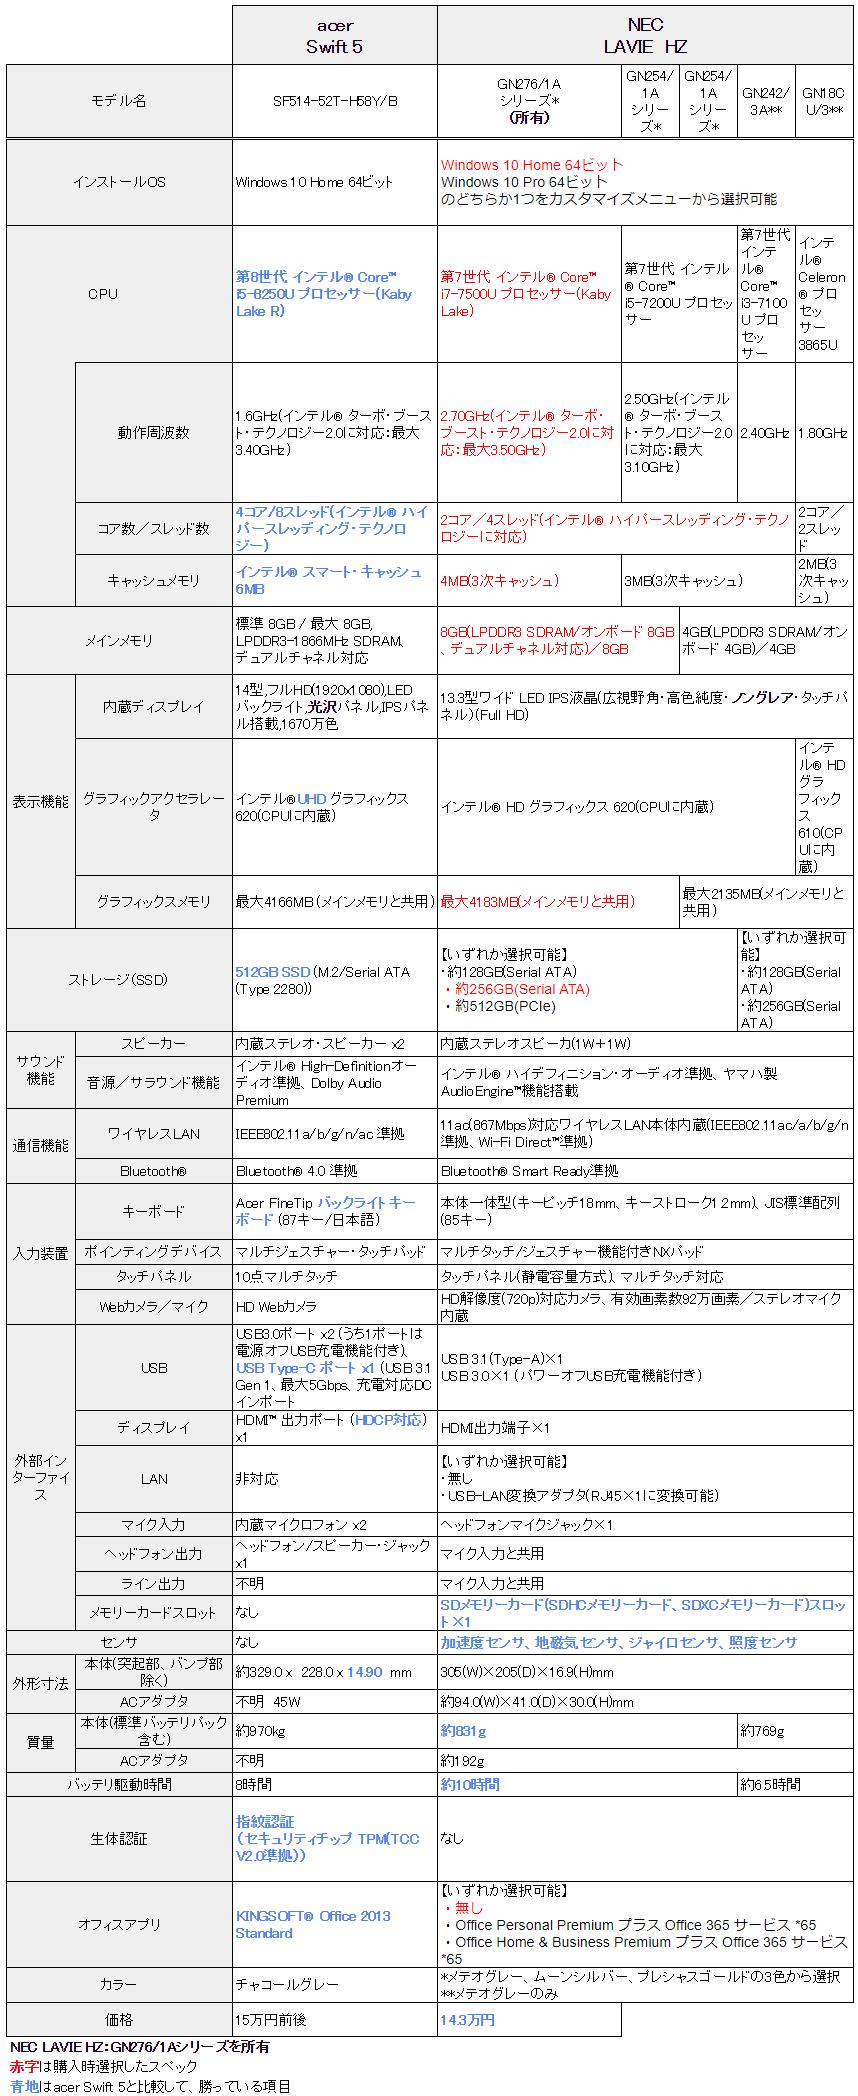 f:id:sora-no-color:20180221210334p:plain